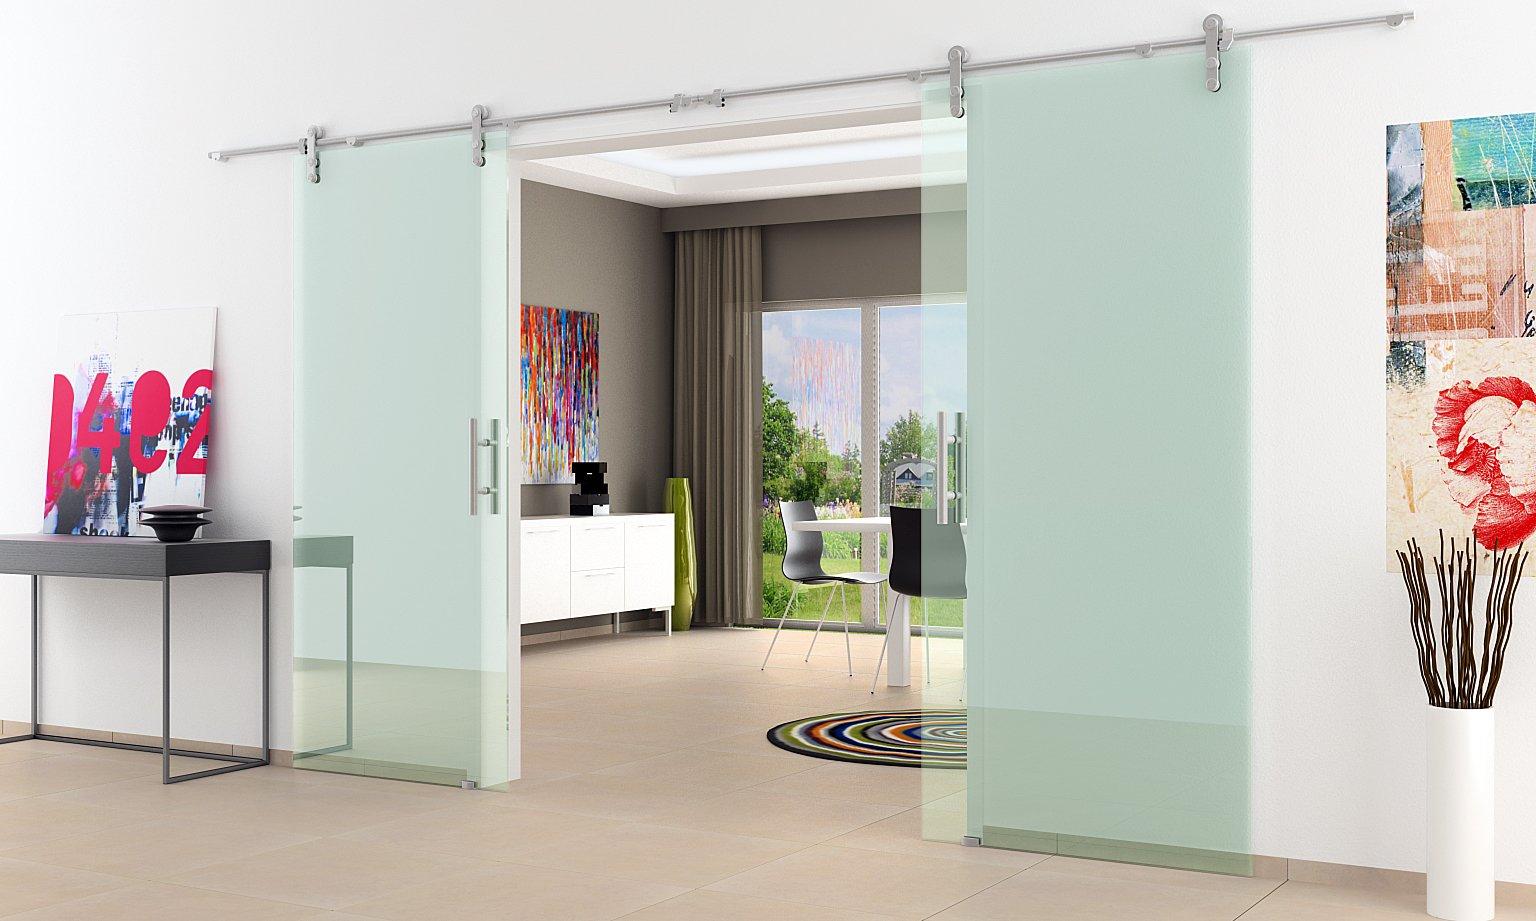 2 palas correderas de cristal de la puerta en forma de aspecto abierto y ruedas | Barras de asas | Incluido entrega | 2 piezas 1025 x 2050 mm de alta calidad